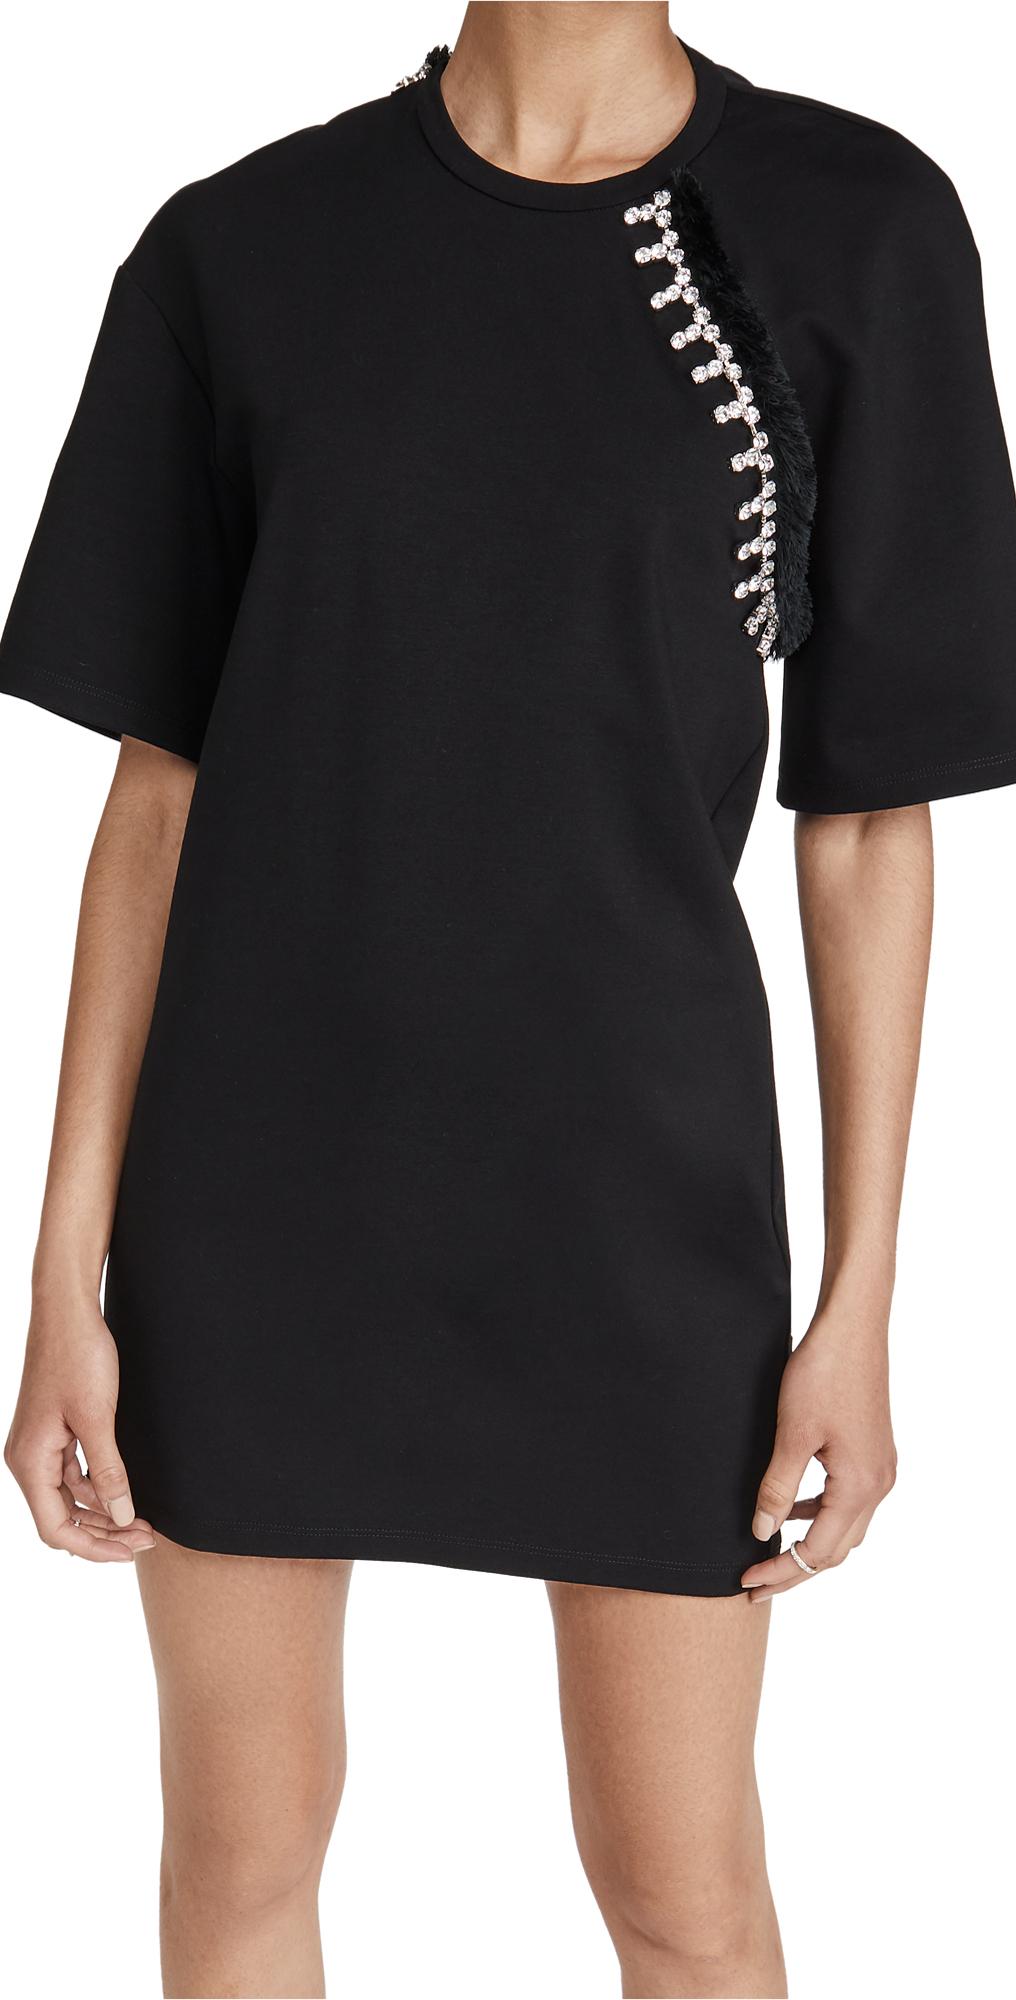 Area Convertible sleeve T Shirt Dress